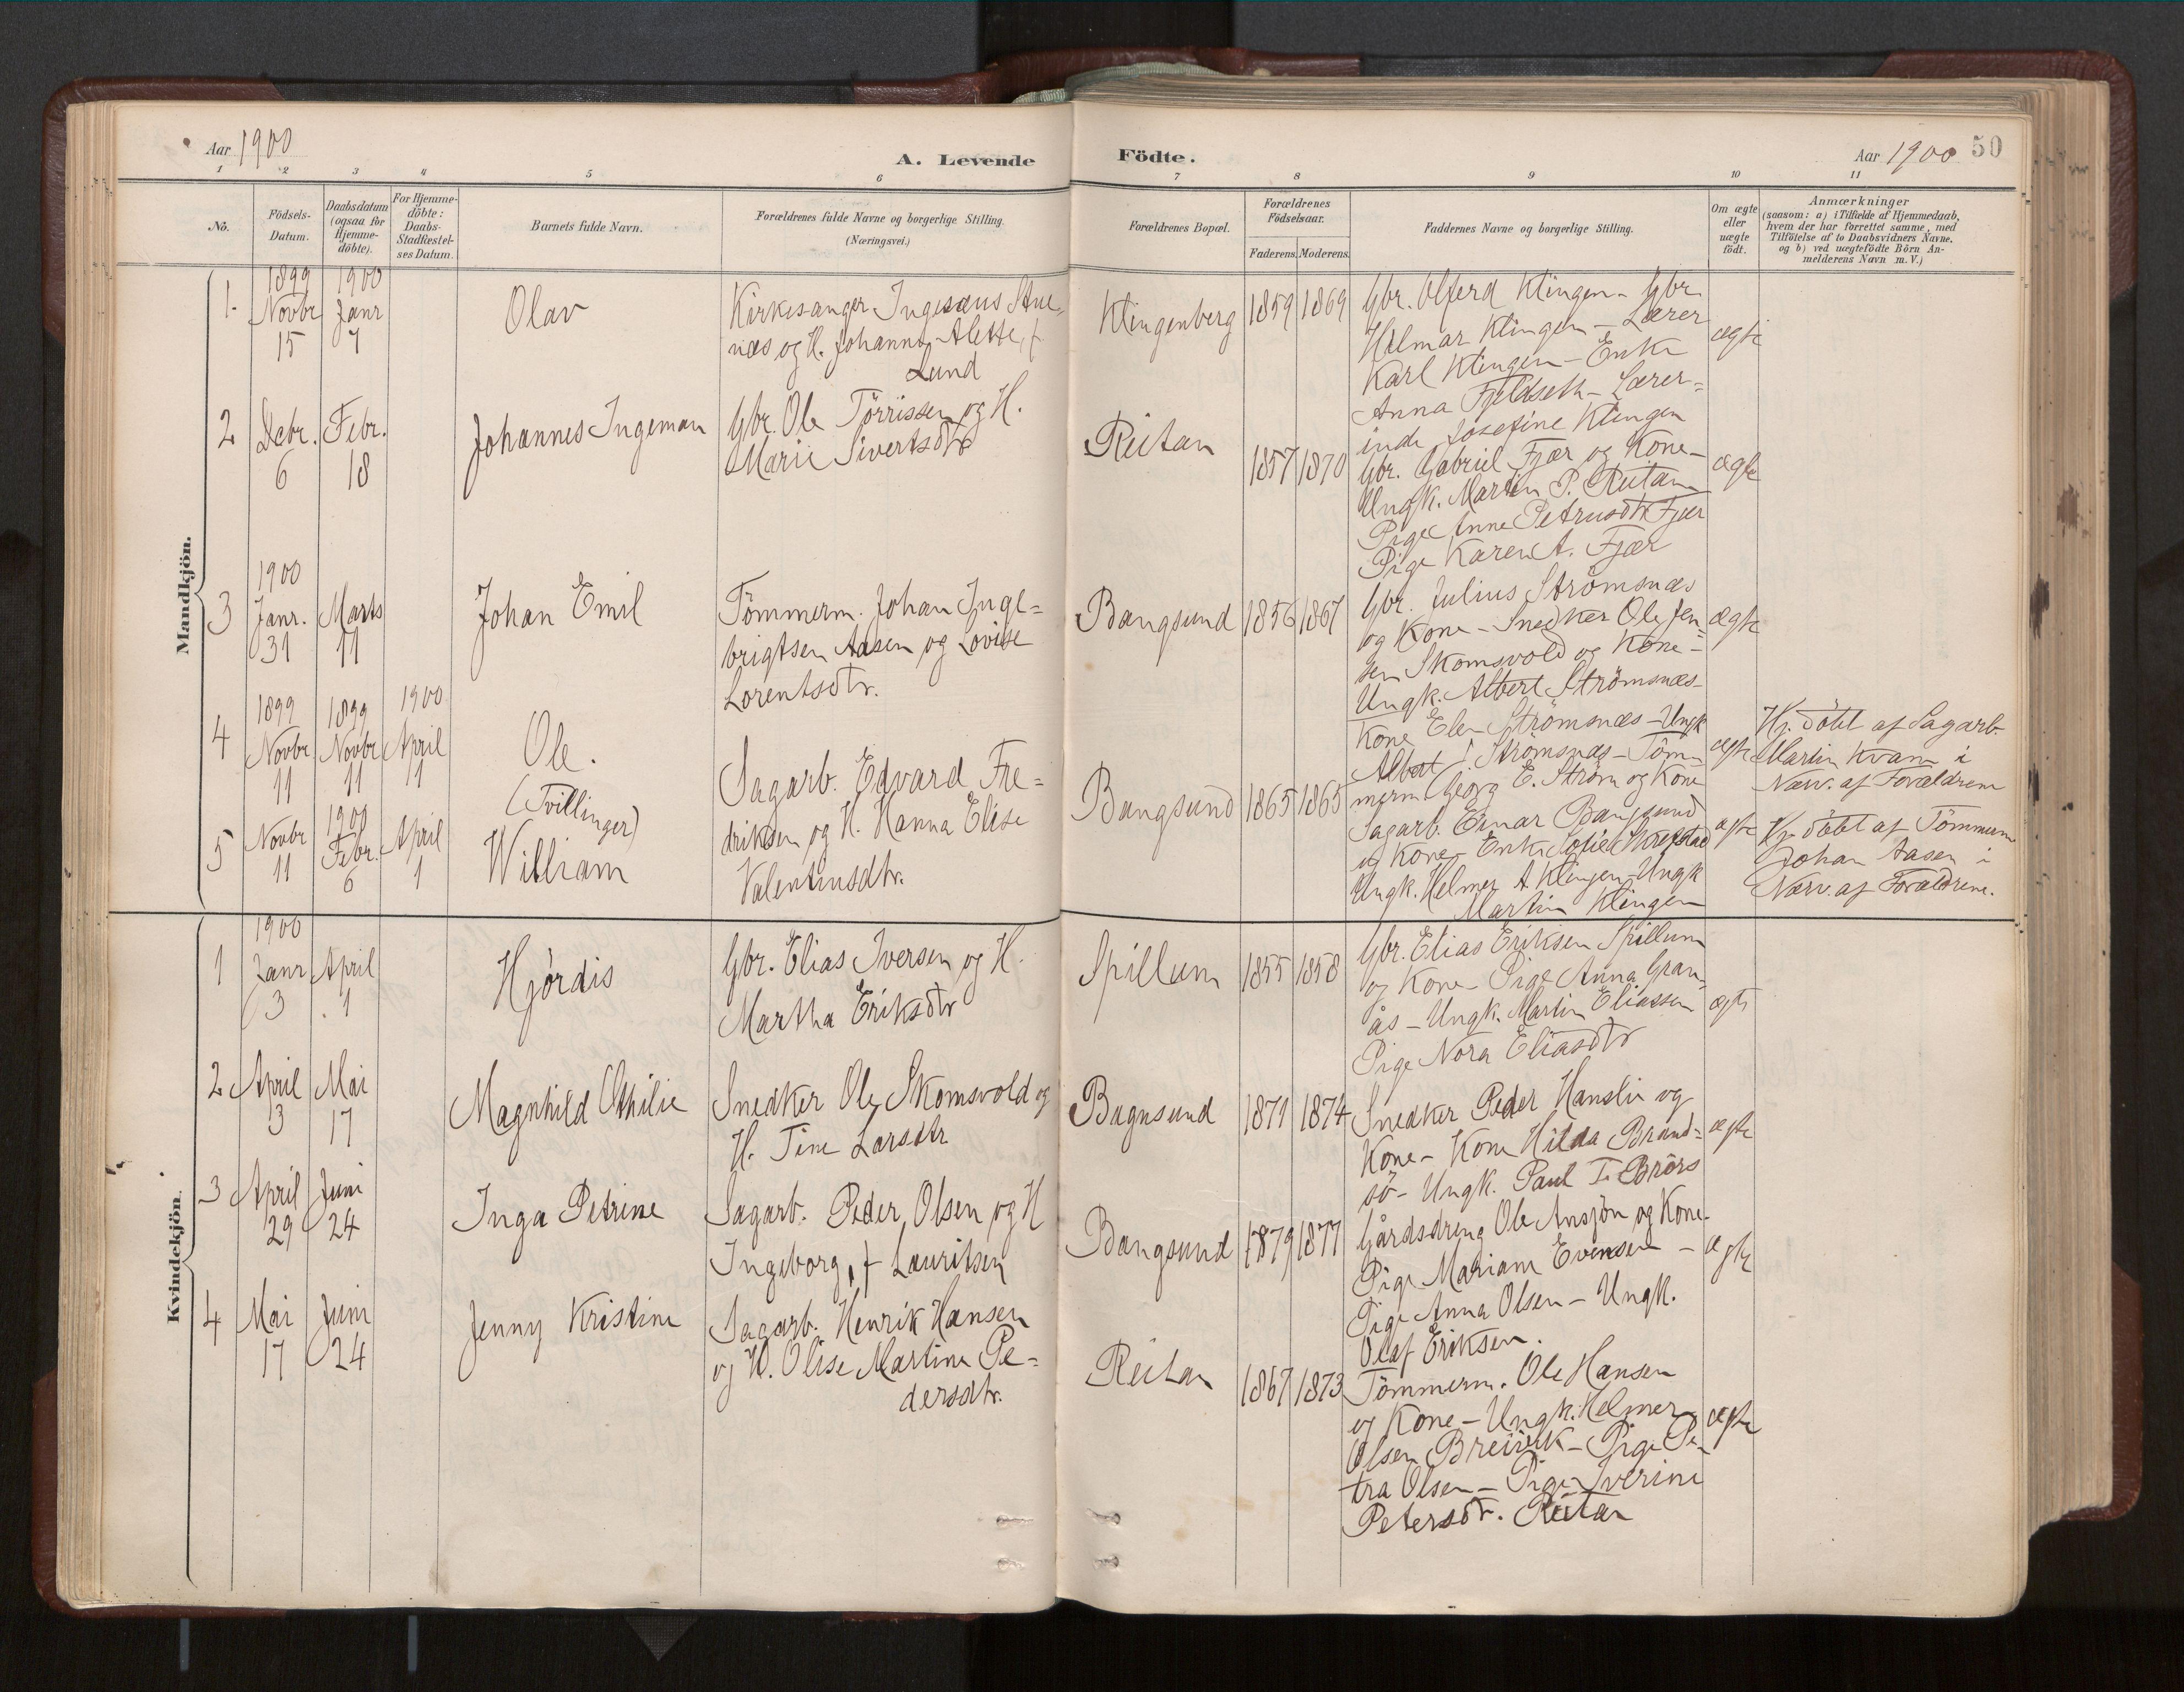 SAT, Ministerialprotokoller, klokkerbøker og fødselsregistre - Nord-Trøndelag, 770/L0589: Ministerialbok nr. 770A03, 1887-1929, s. 50